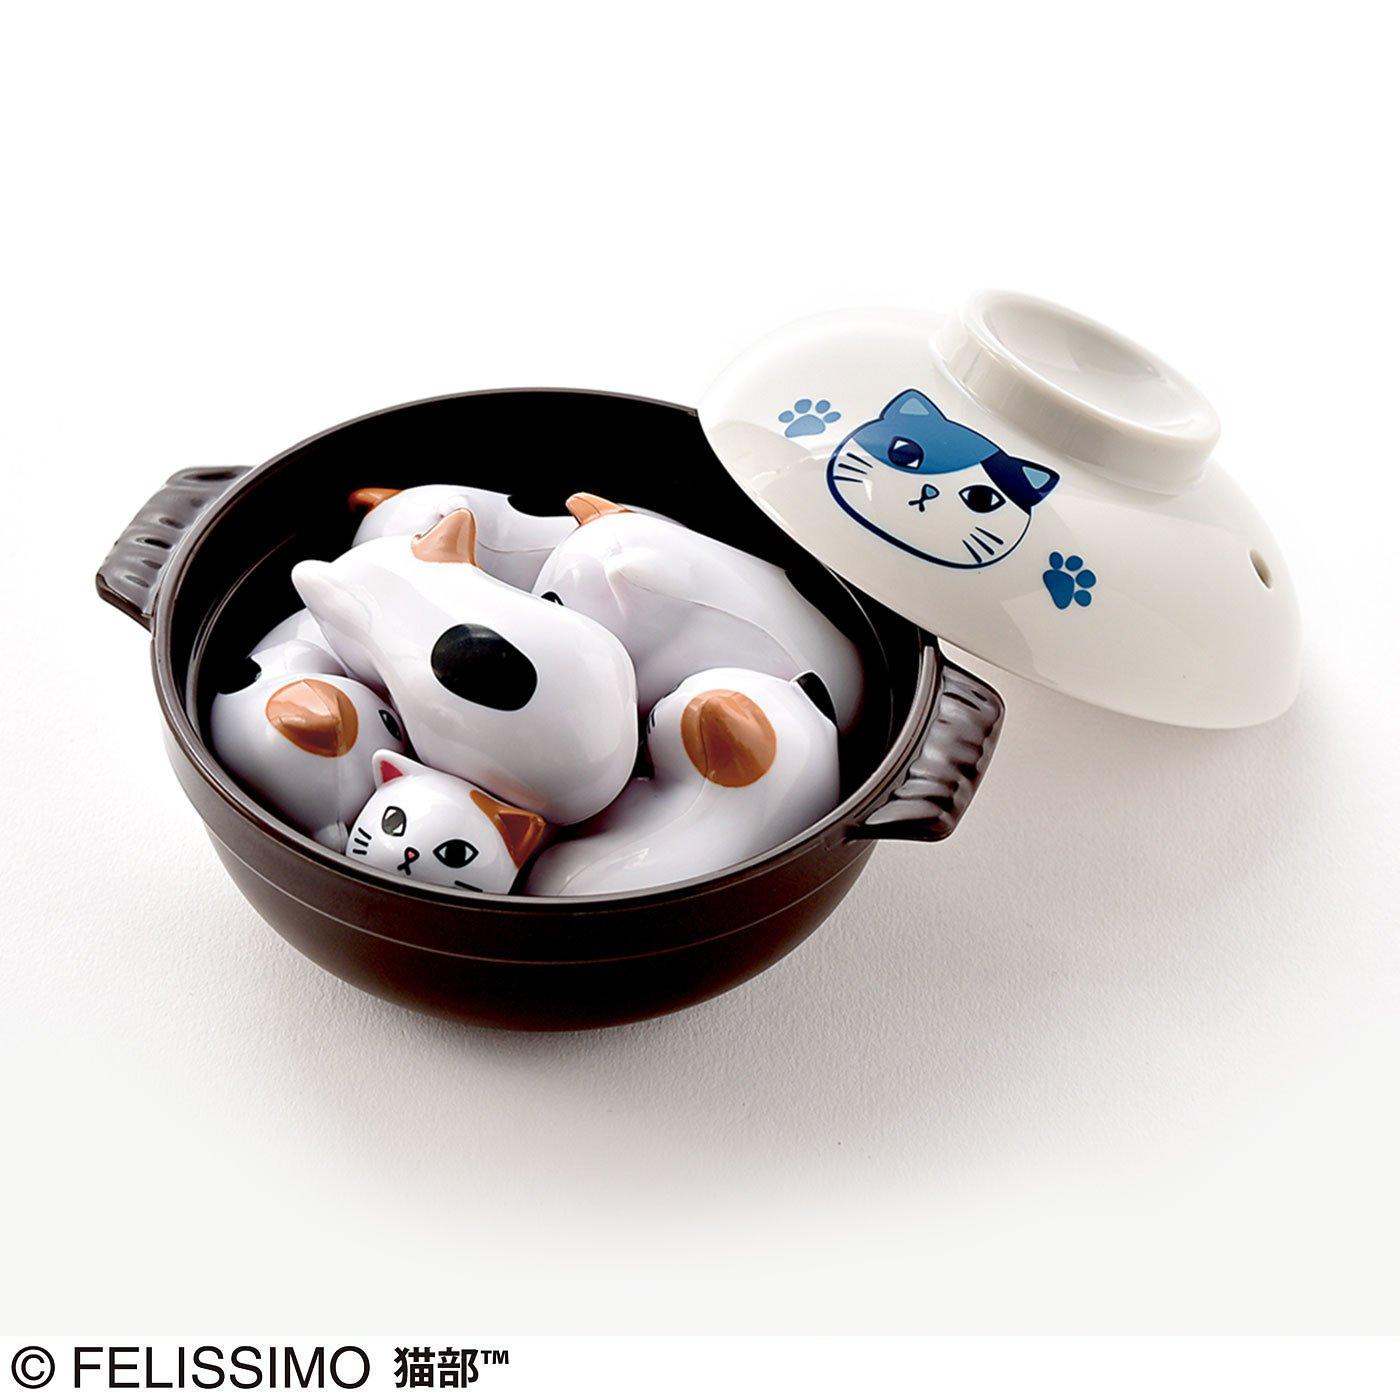 フェリシモ猫部 にゃんこ鍋パズル ツンデレにゃんバージョン